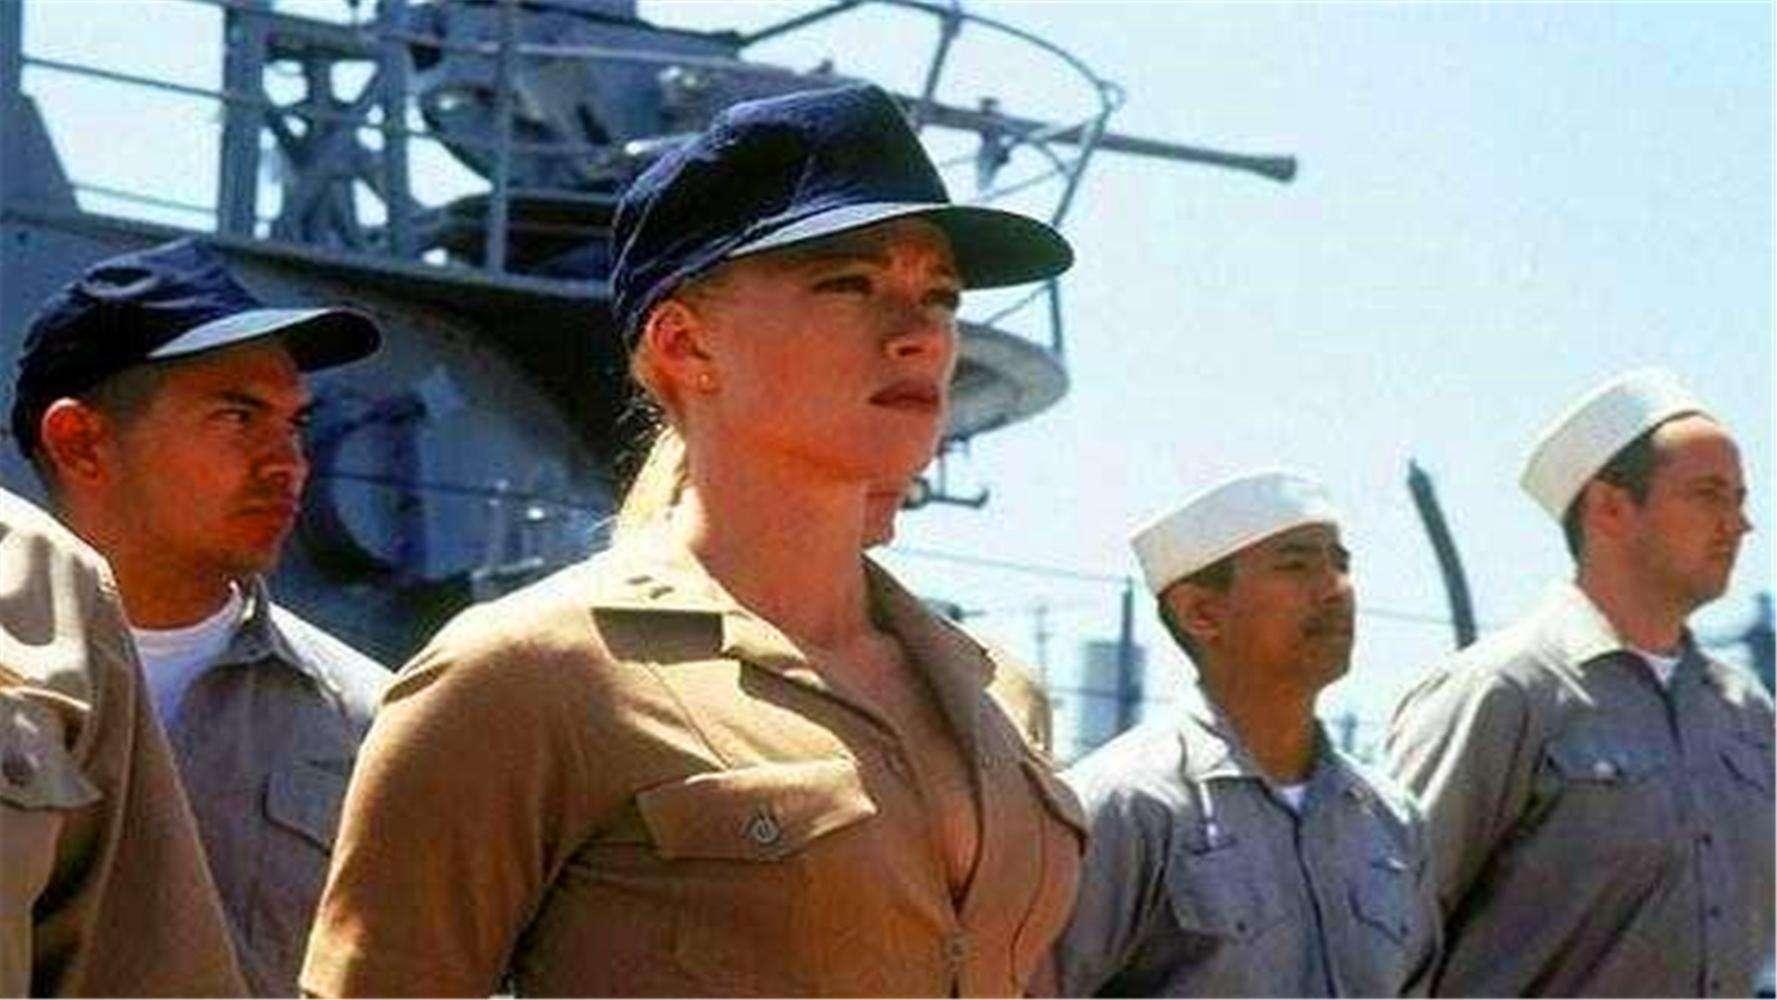 女兵人是什么_为何美国航母上的女兵大多是中国人?美国这是玩的什么把戏 ...